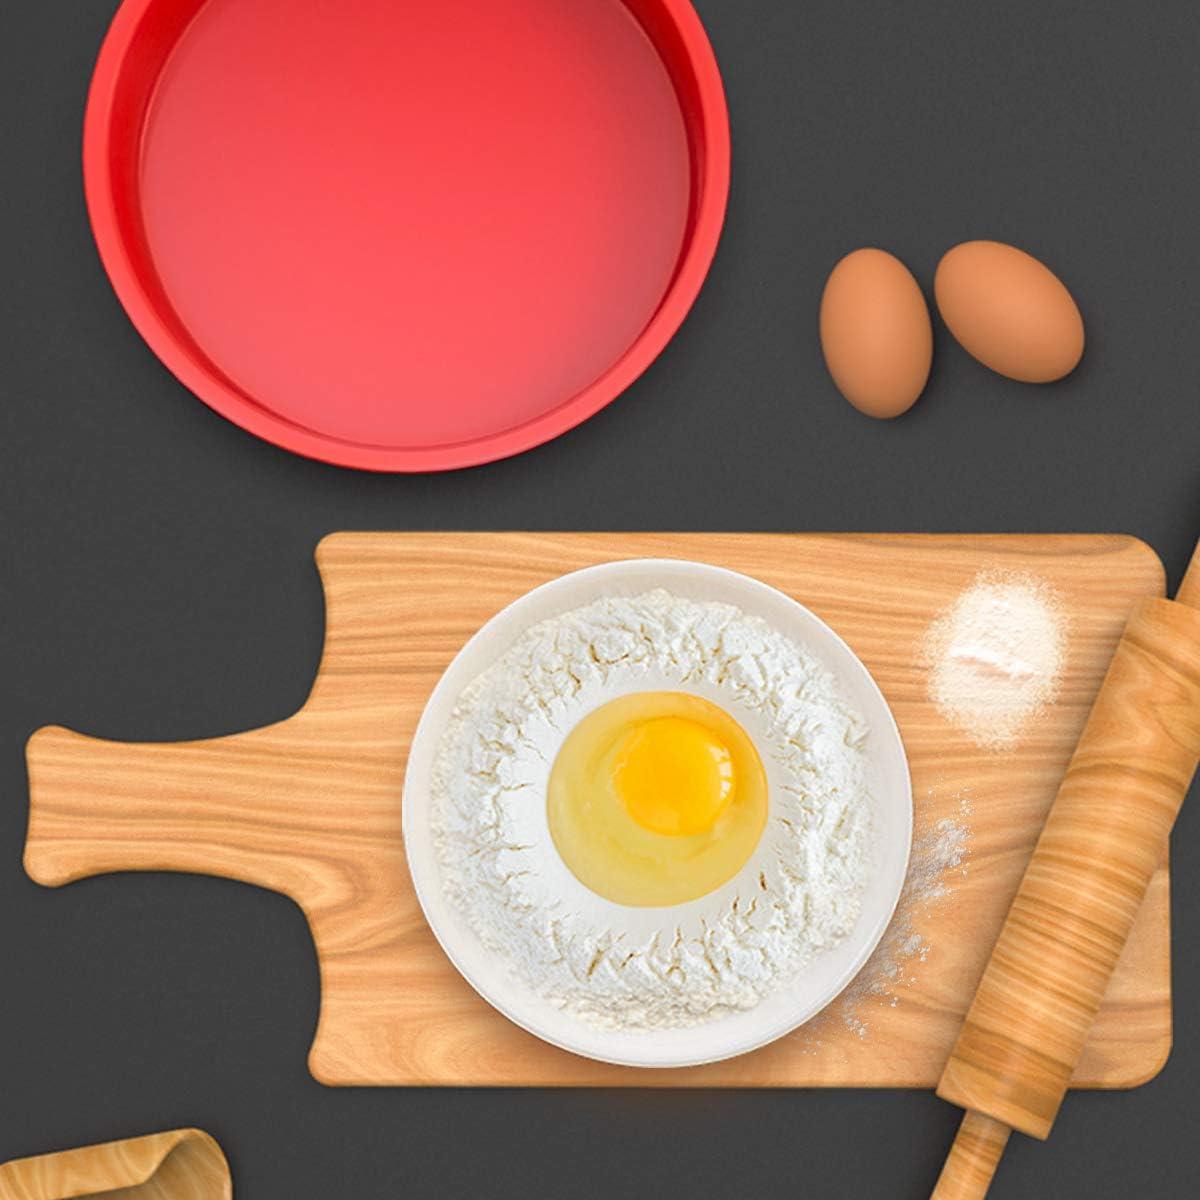 Pour g/âteaux /à /étages cheesecake Antiadh/ésifs et /à d/égagement rapide arc-en-ciel et mousseline de soie 24 cm Lot de 2 moules /à g/âteau ronds en silicone pour la cuisson de g/âteaux Silivo